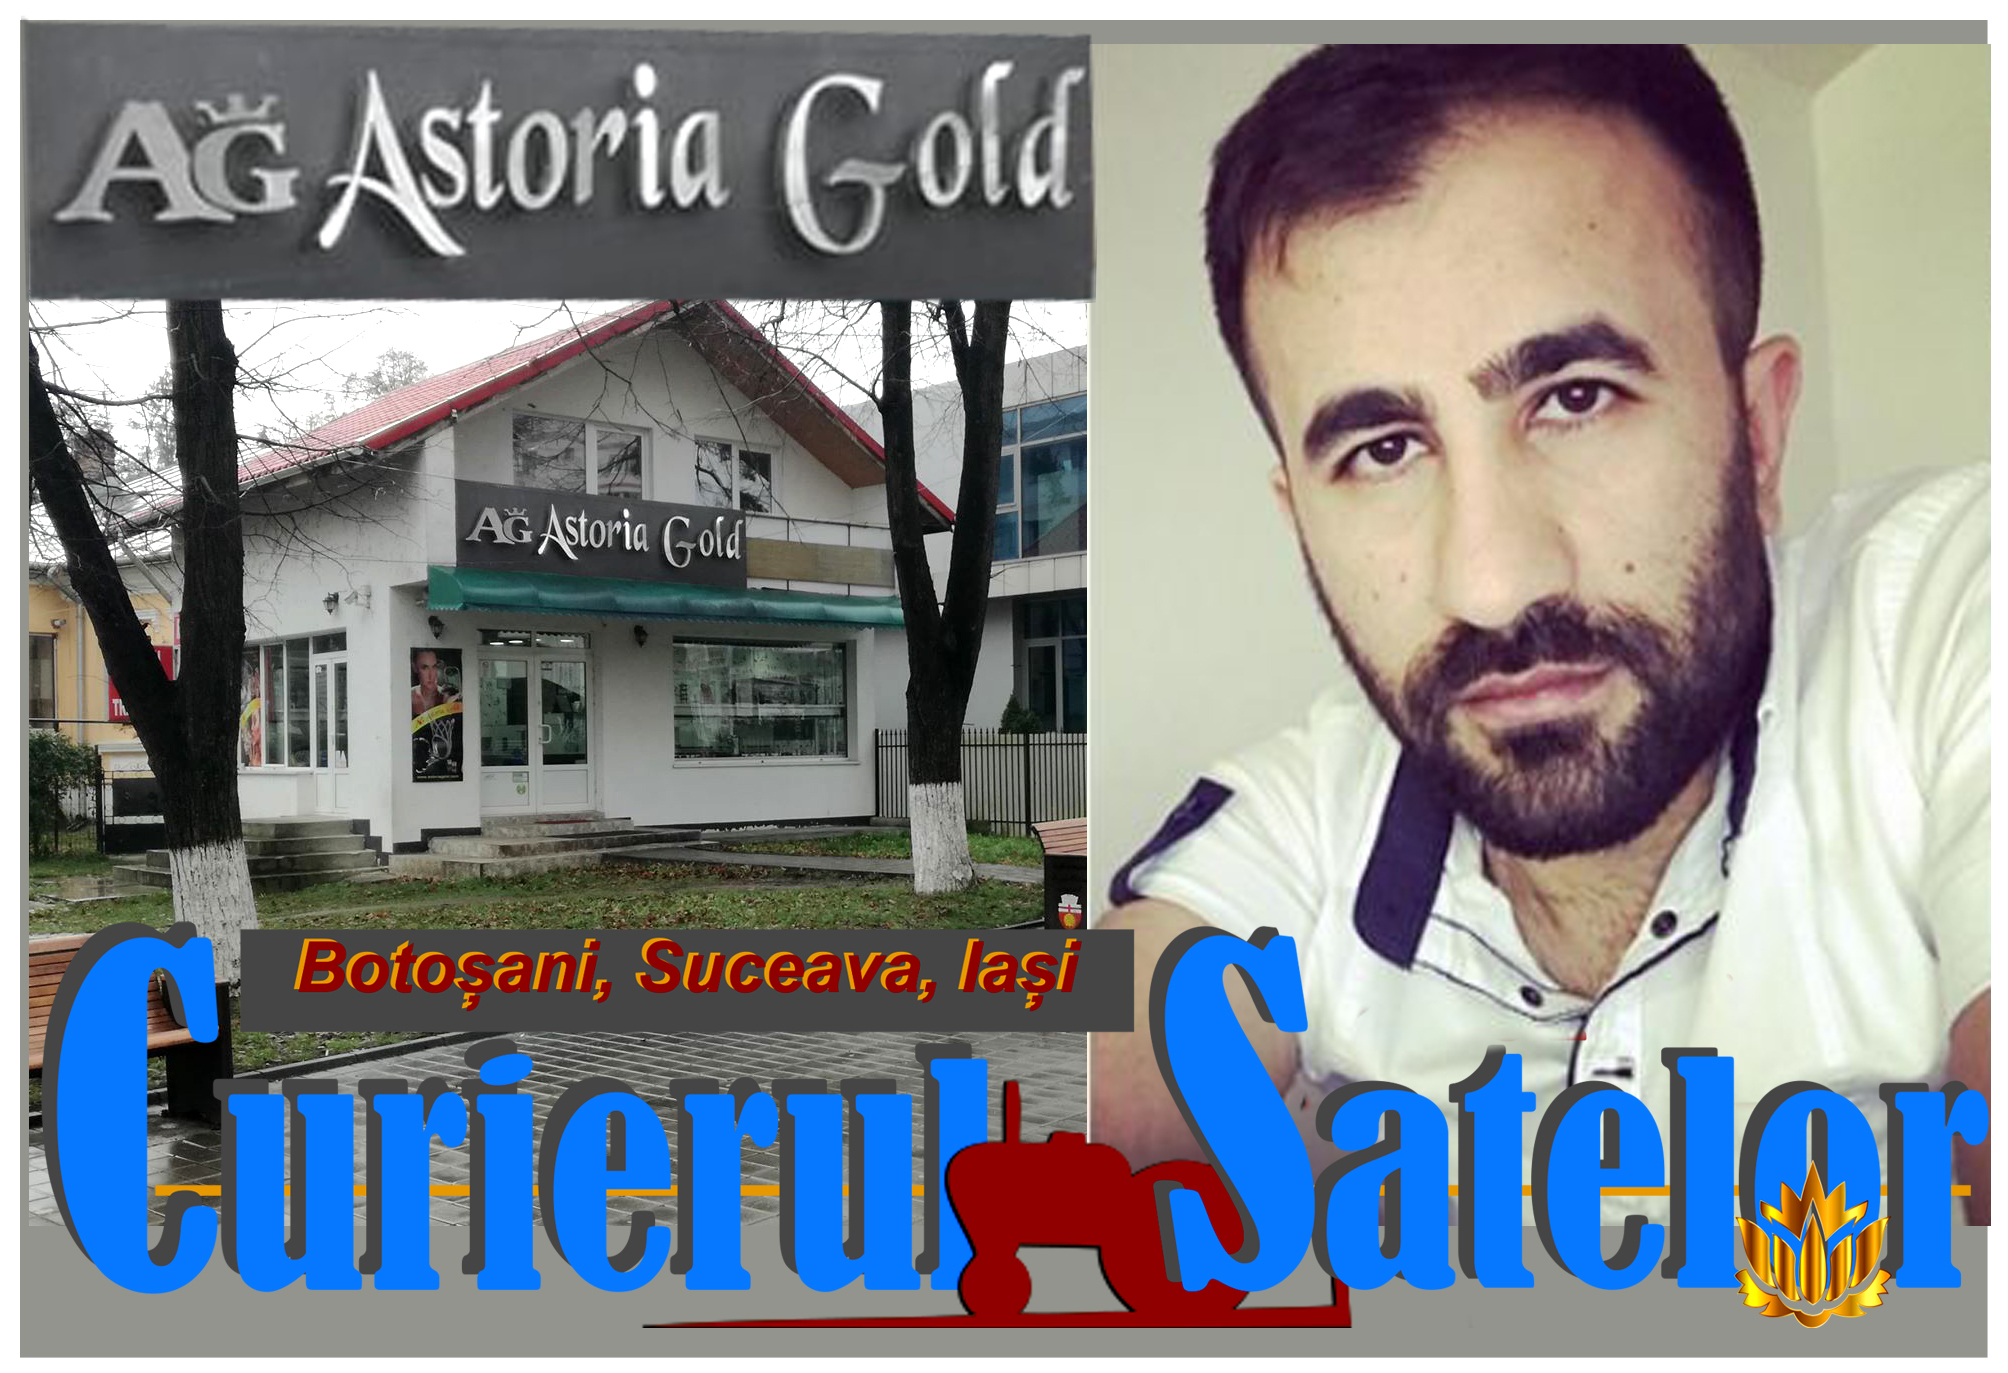 Patronul Astoria Gold arestat într-un scandal cu verighete de tinichea vândute ca aur pur inclusiv pe eMag 4